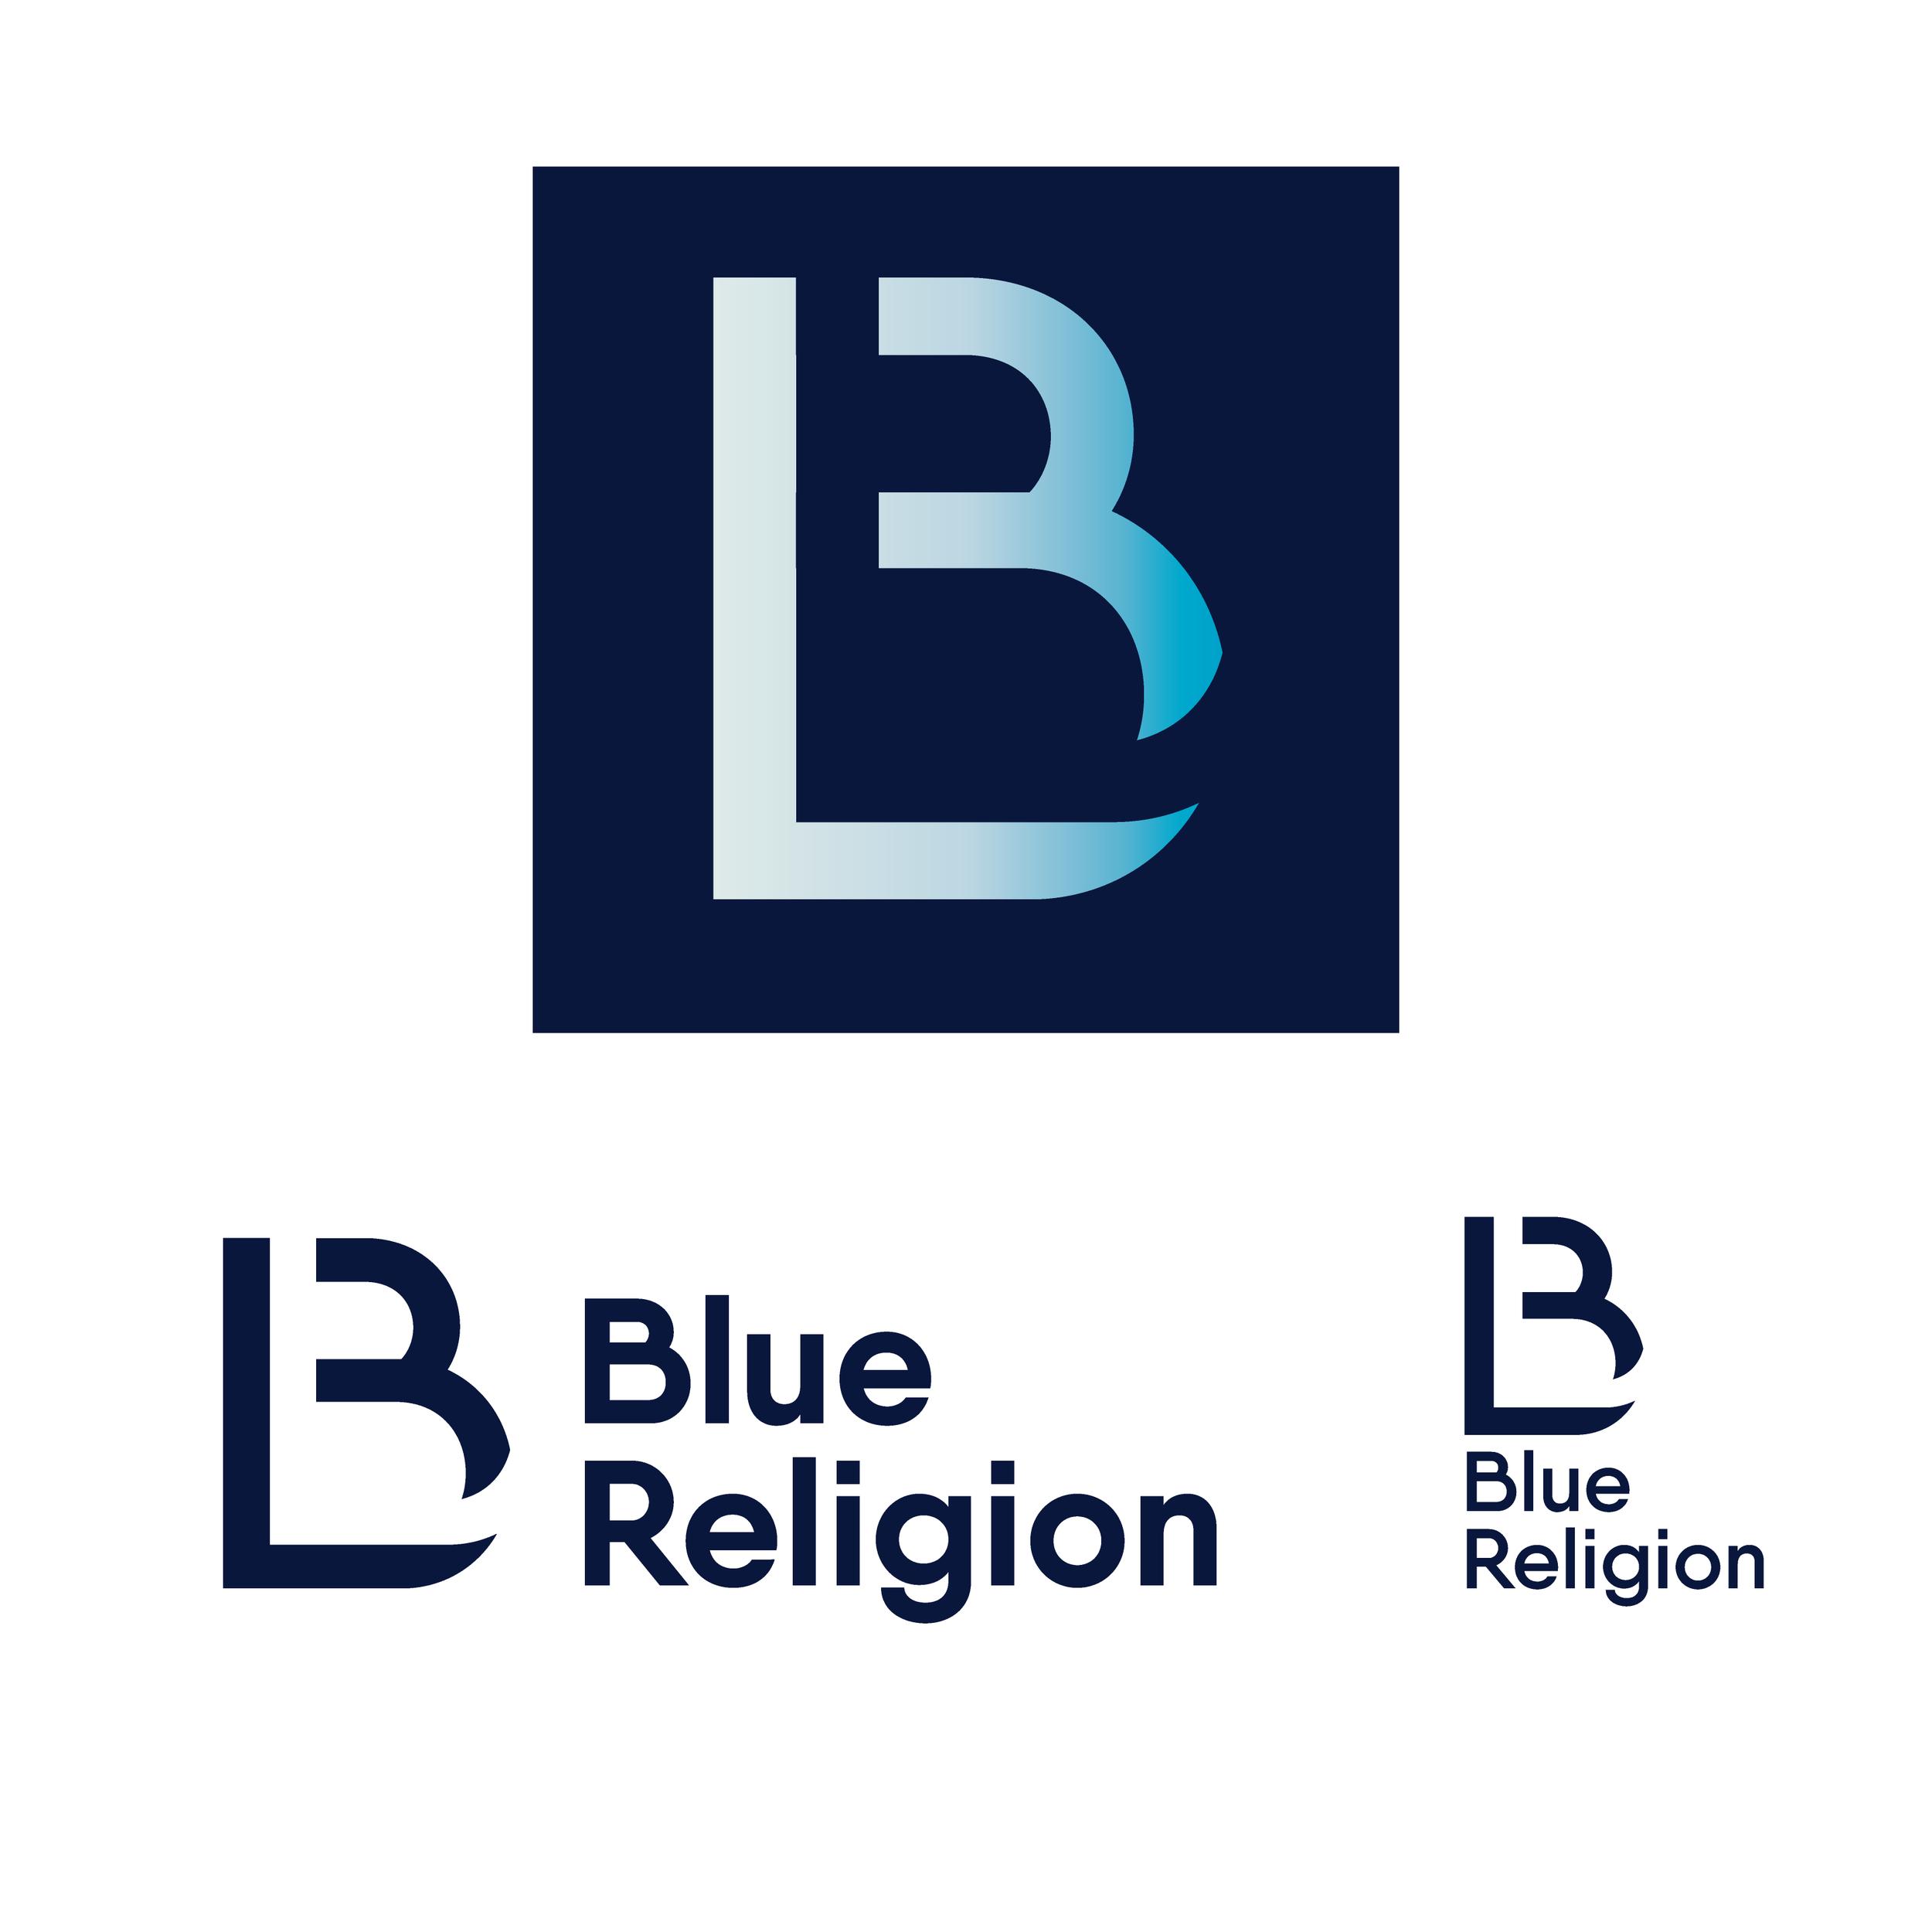 Blue Religion - brand, logo design